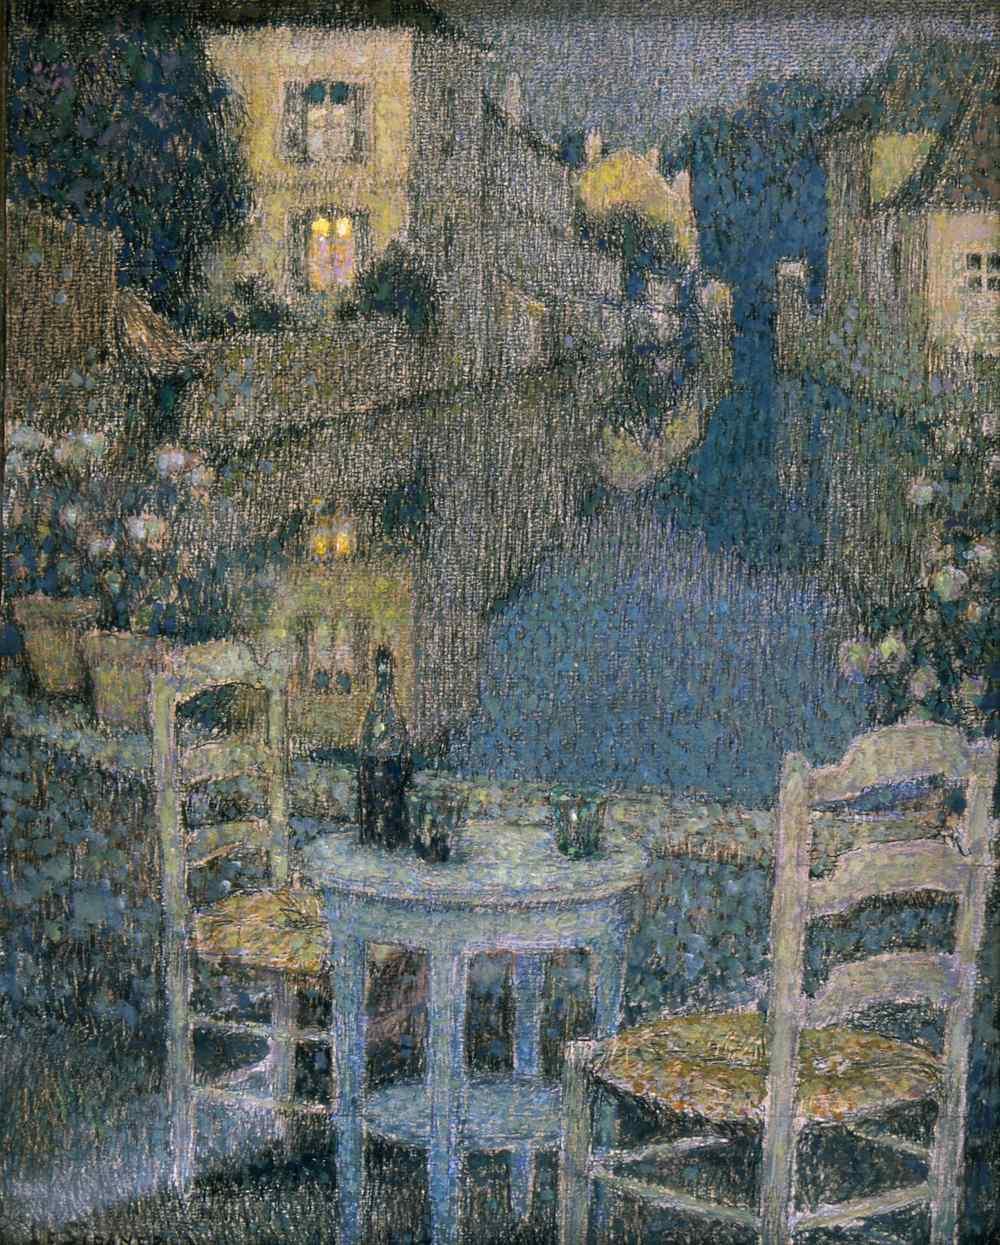 L'Agora des Arts, Catherine Rigollet, le 9 avril 2014 : Henri Le Sidaner, rétrospective.